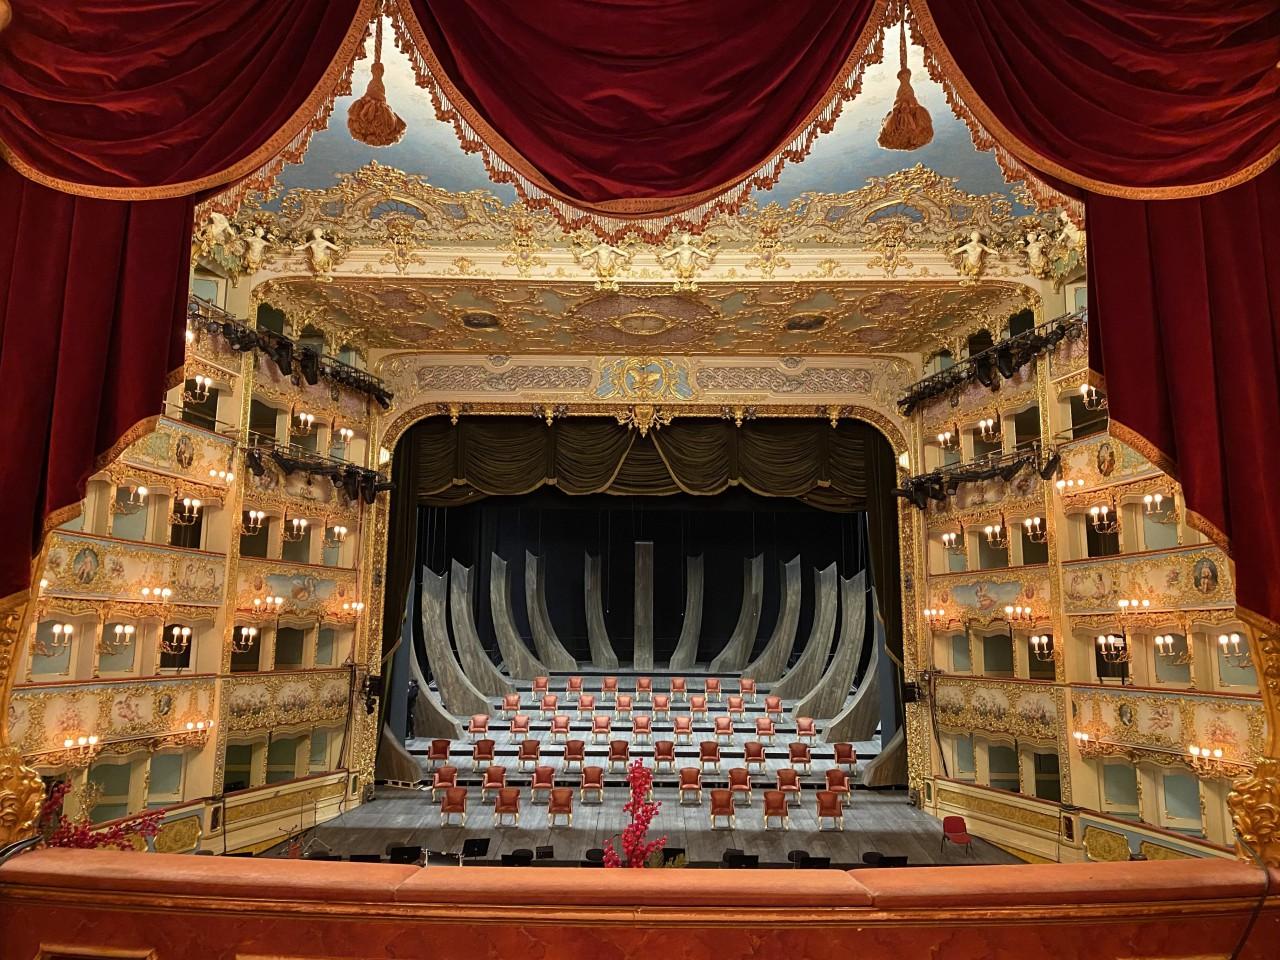 Il diciottesimo Concerto di Capodanno in Fenice in diretta televisiva su Rai1 Daniel Harding dirige Orchestra e Coro del Teatro La Fenice Solisti il soprano Rosa Feola e il tenore Xabier Anduaga